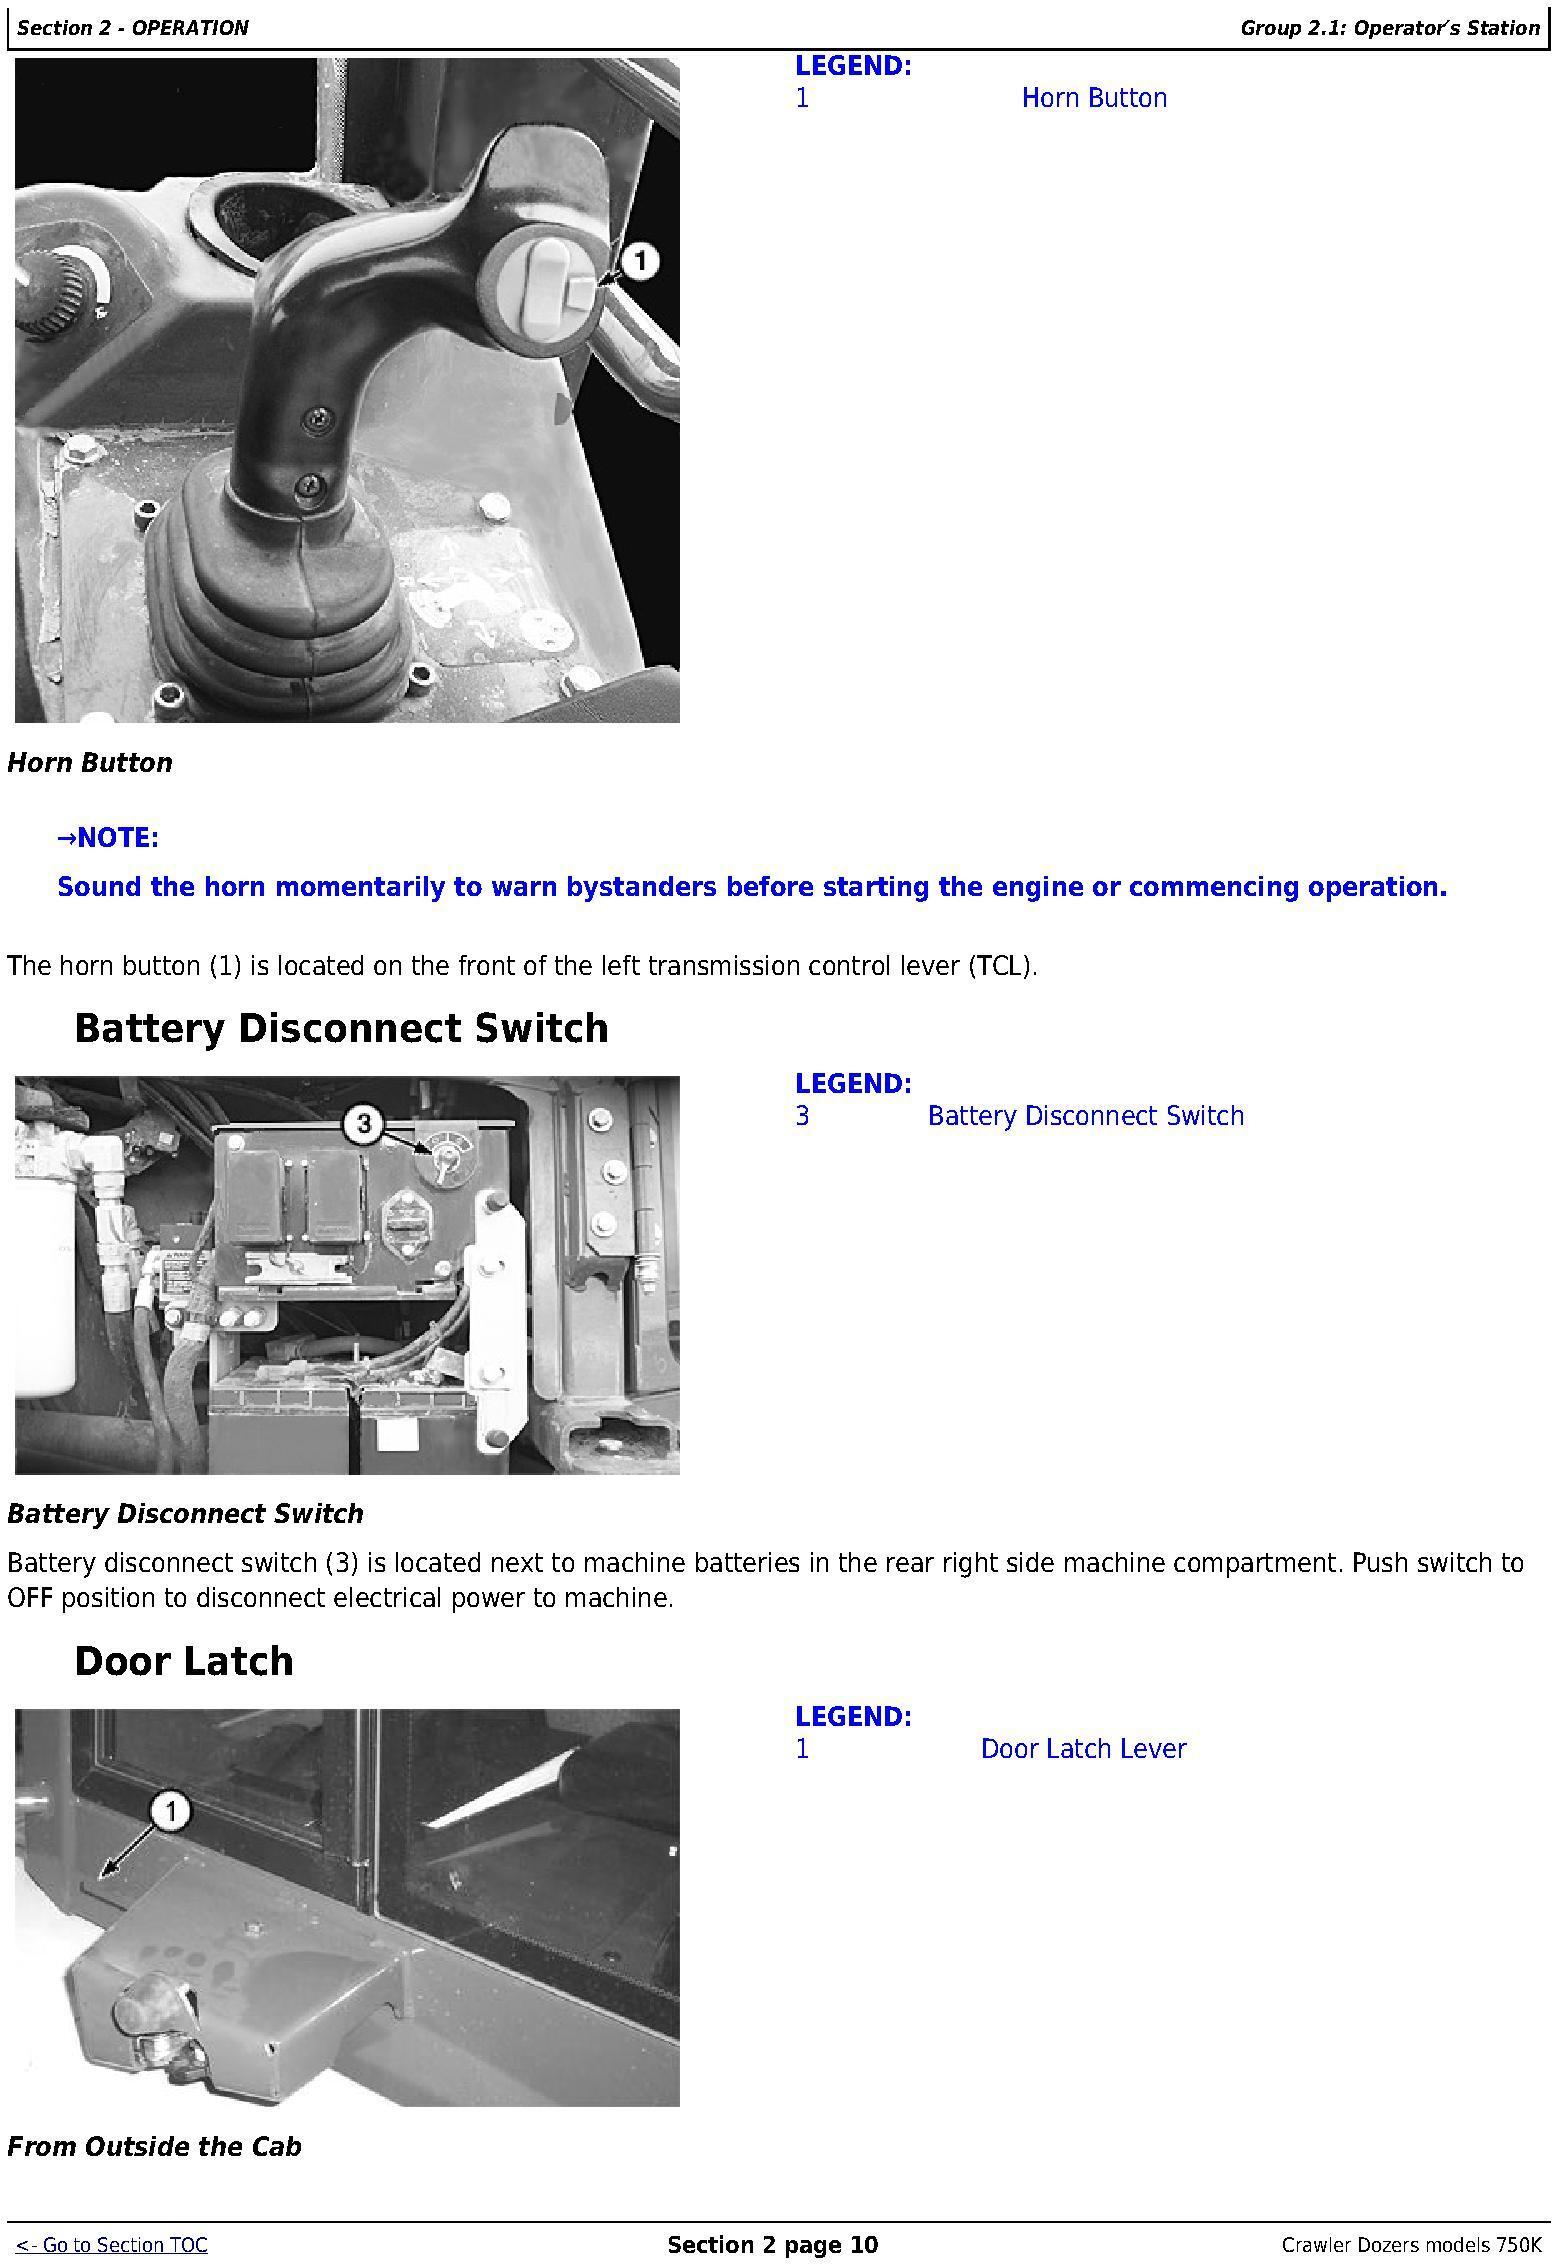 OMT298956 - John Deere 750K Crawler Dozer (PIN: 1T0750KX_ _E216966-) Operators Manual - 2